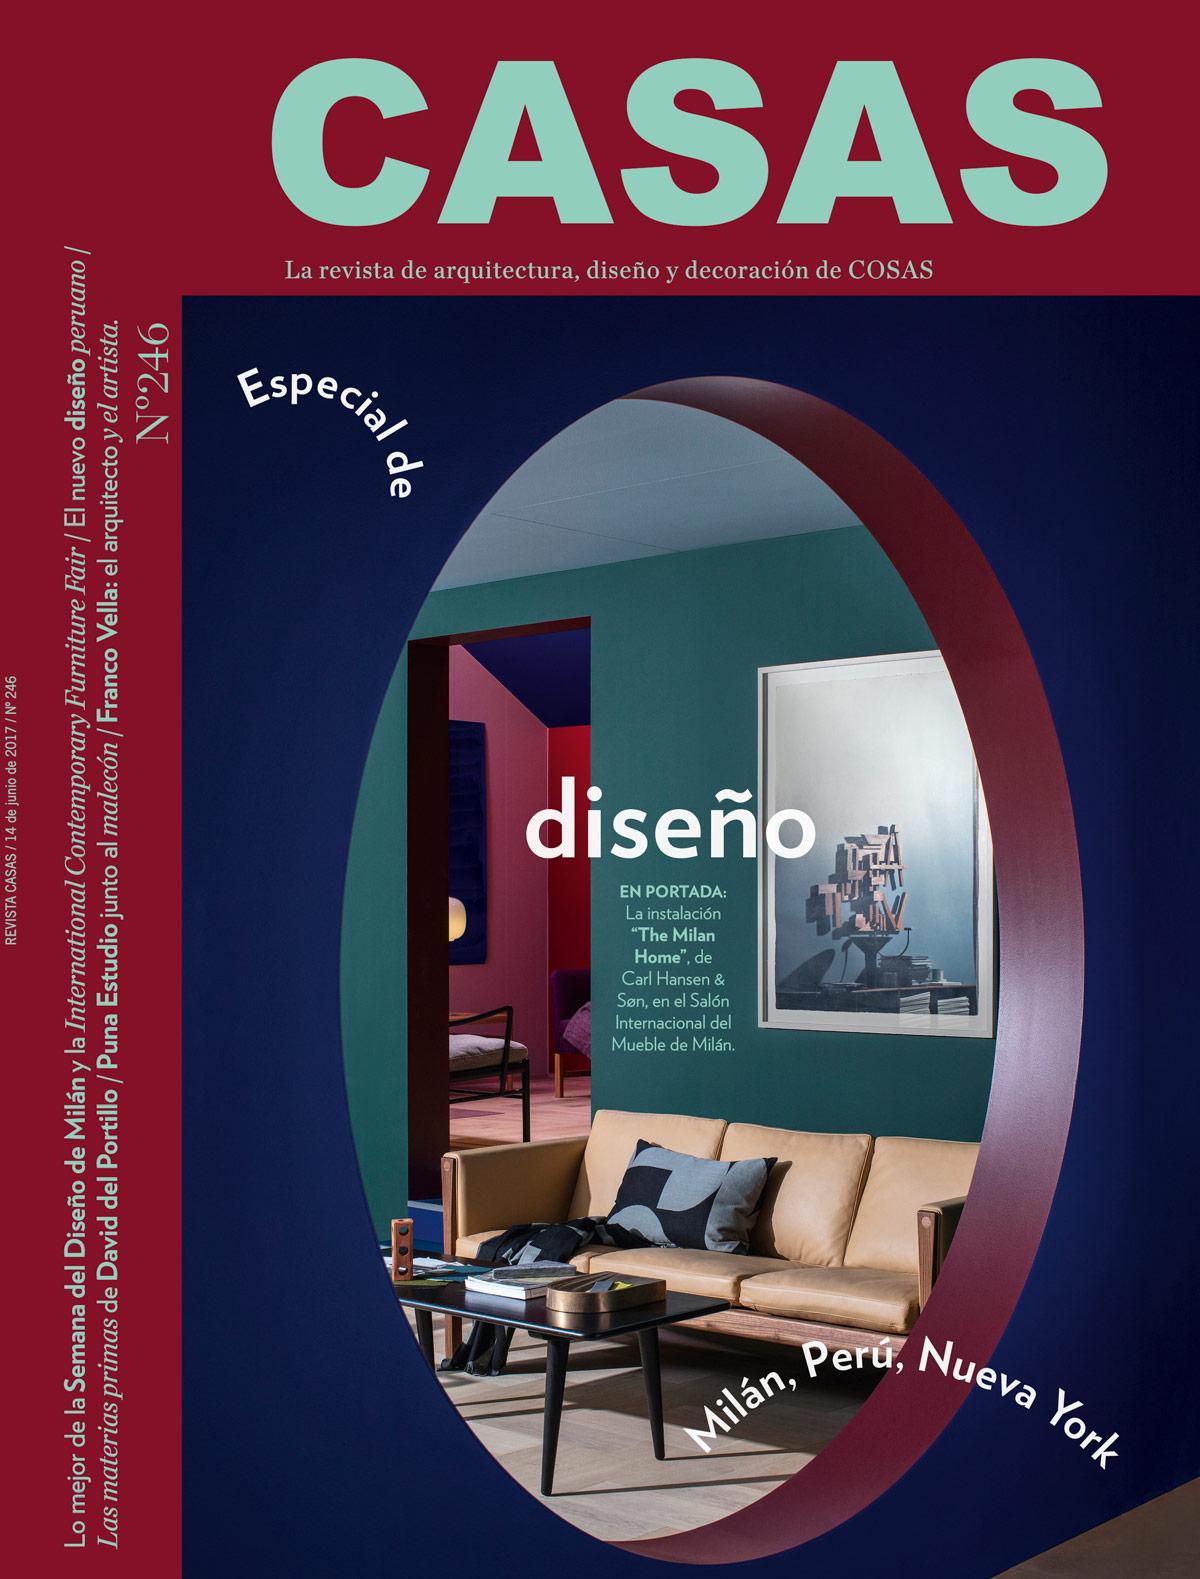 CASAS no.246 June 2017